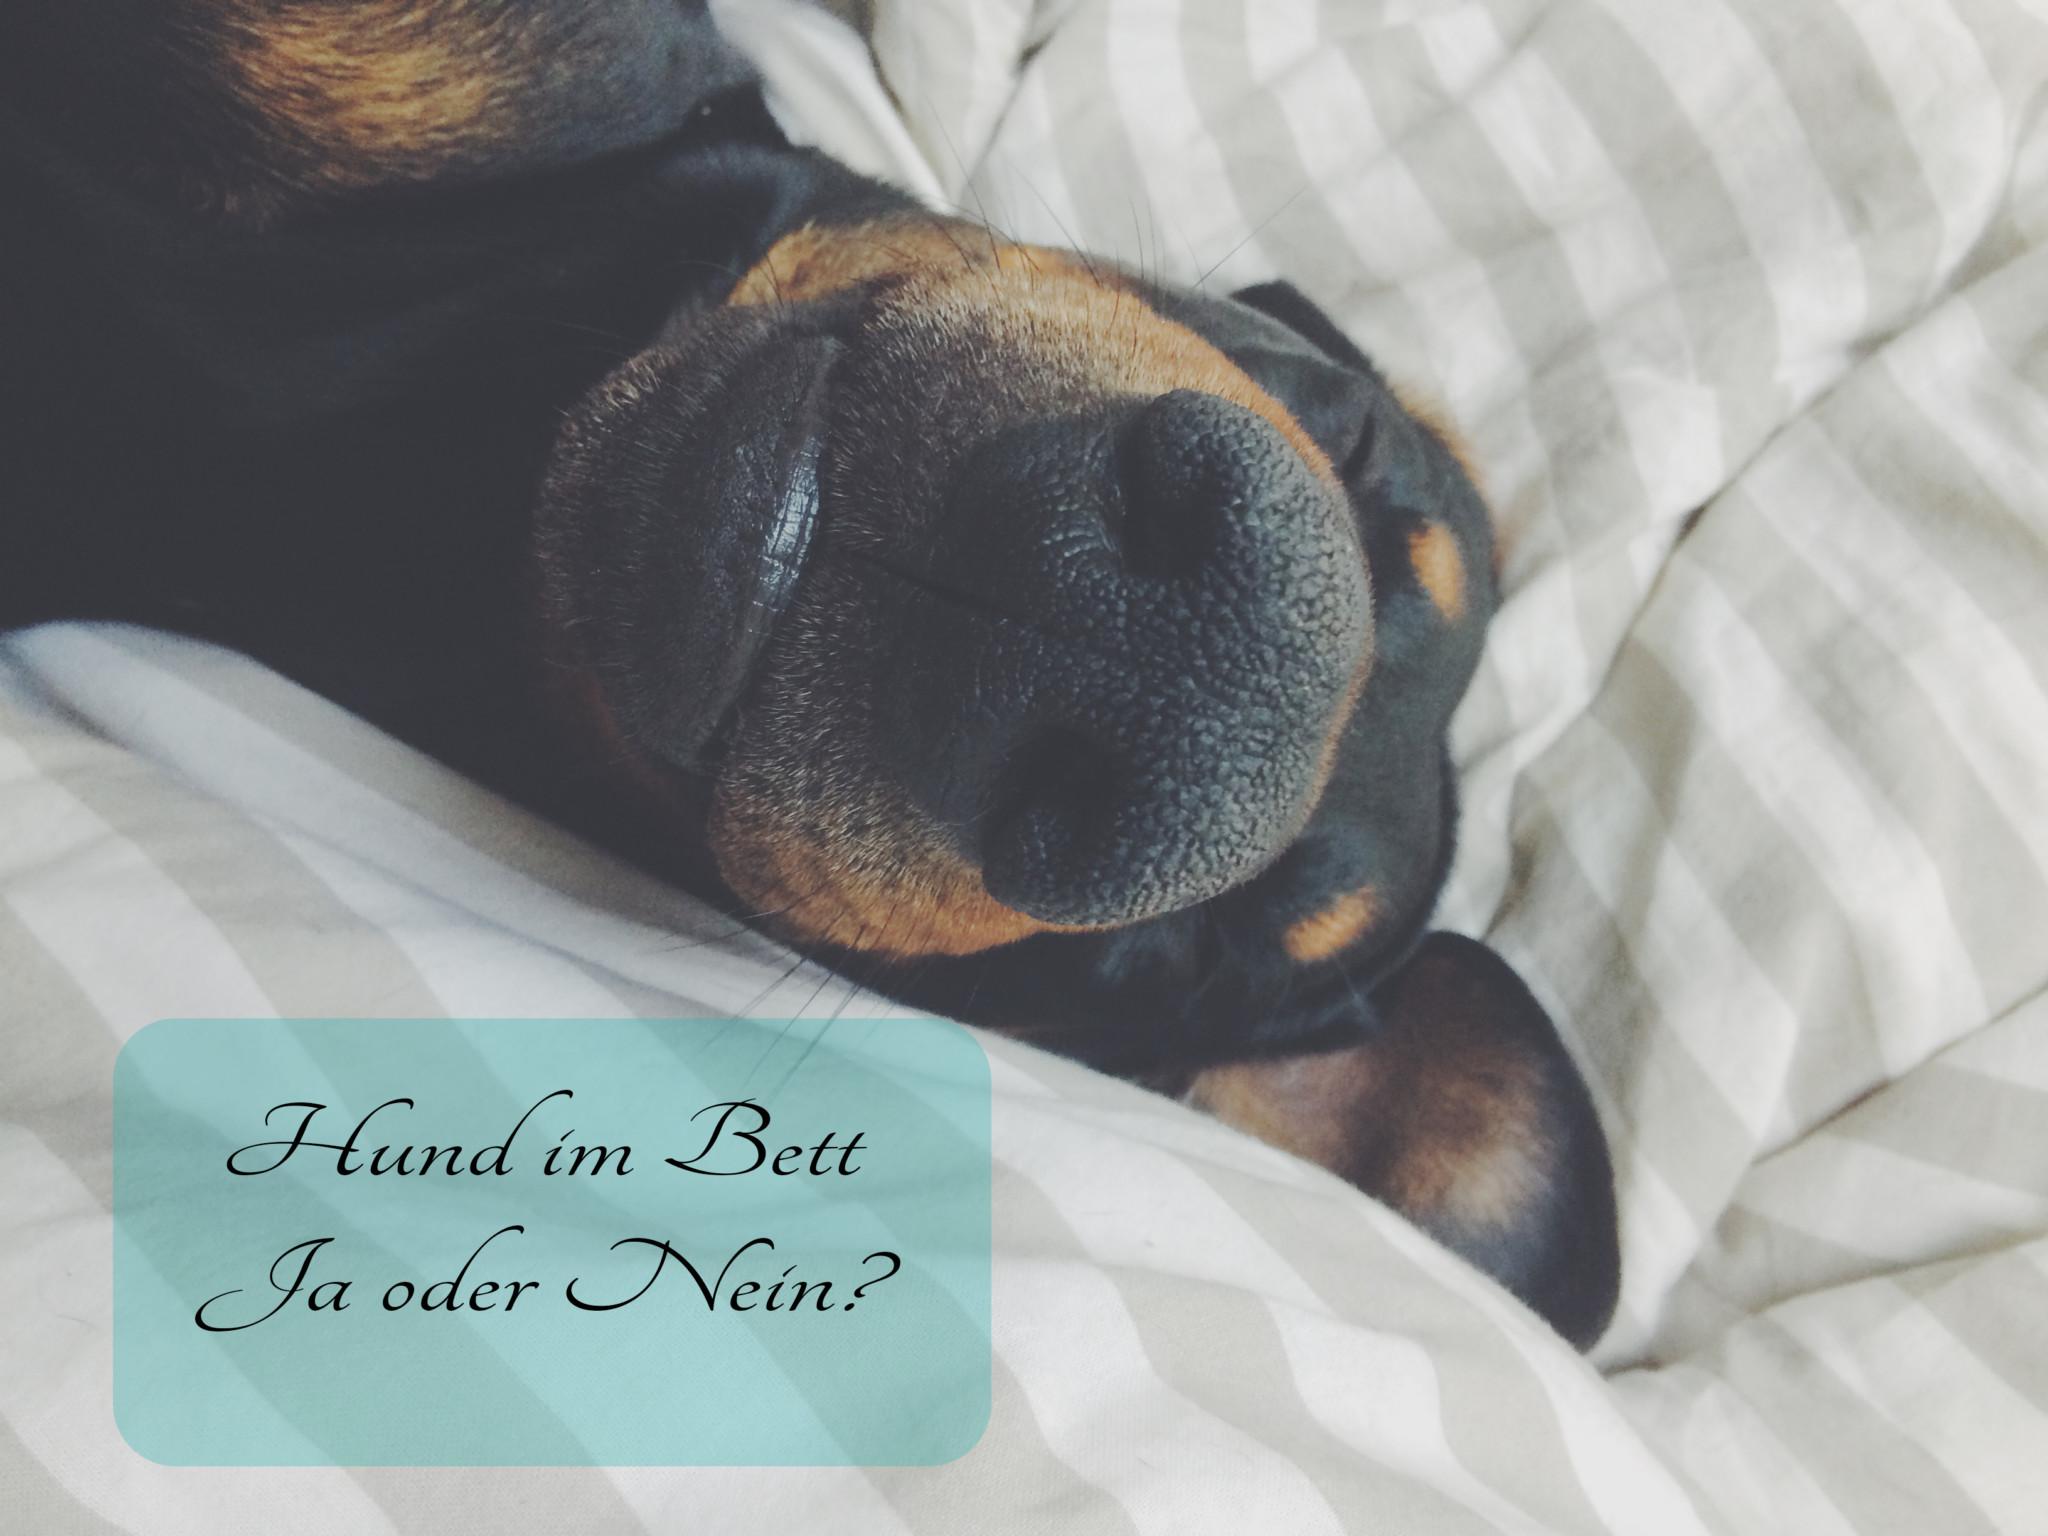 Sollte mein Hund im Bett schlafen?